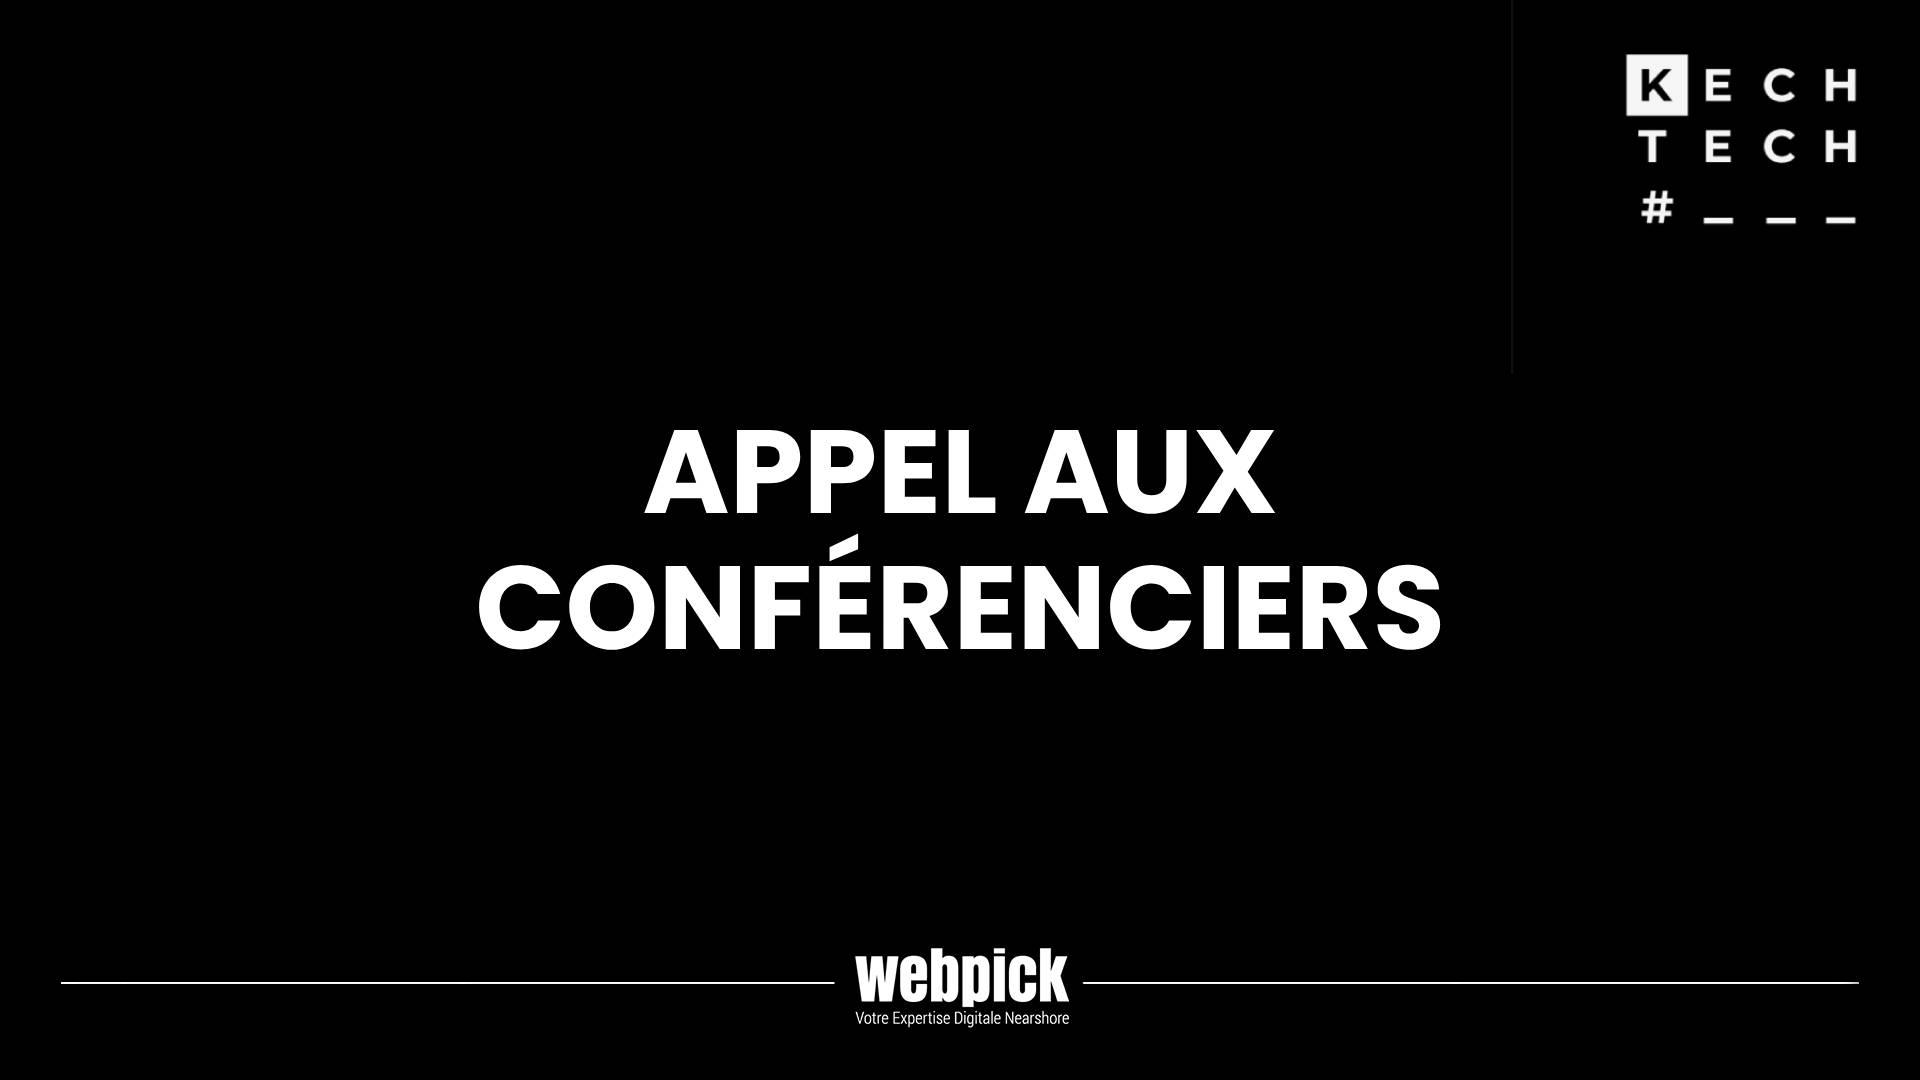 Appel aux conférenciers – KechTech